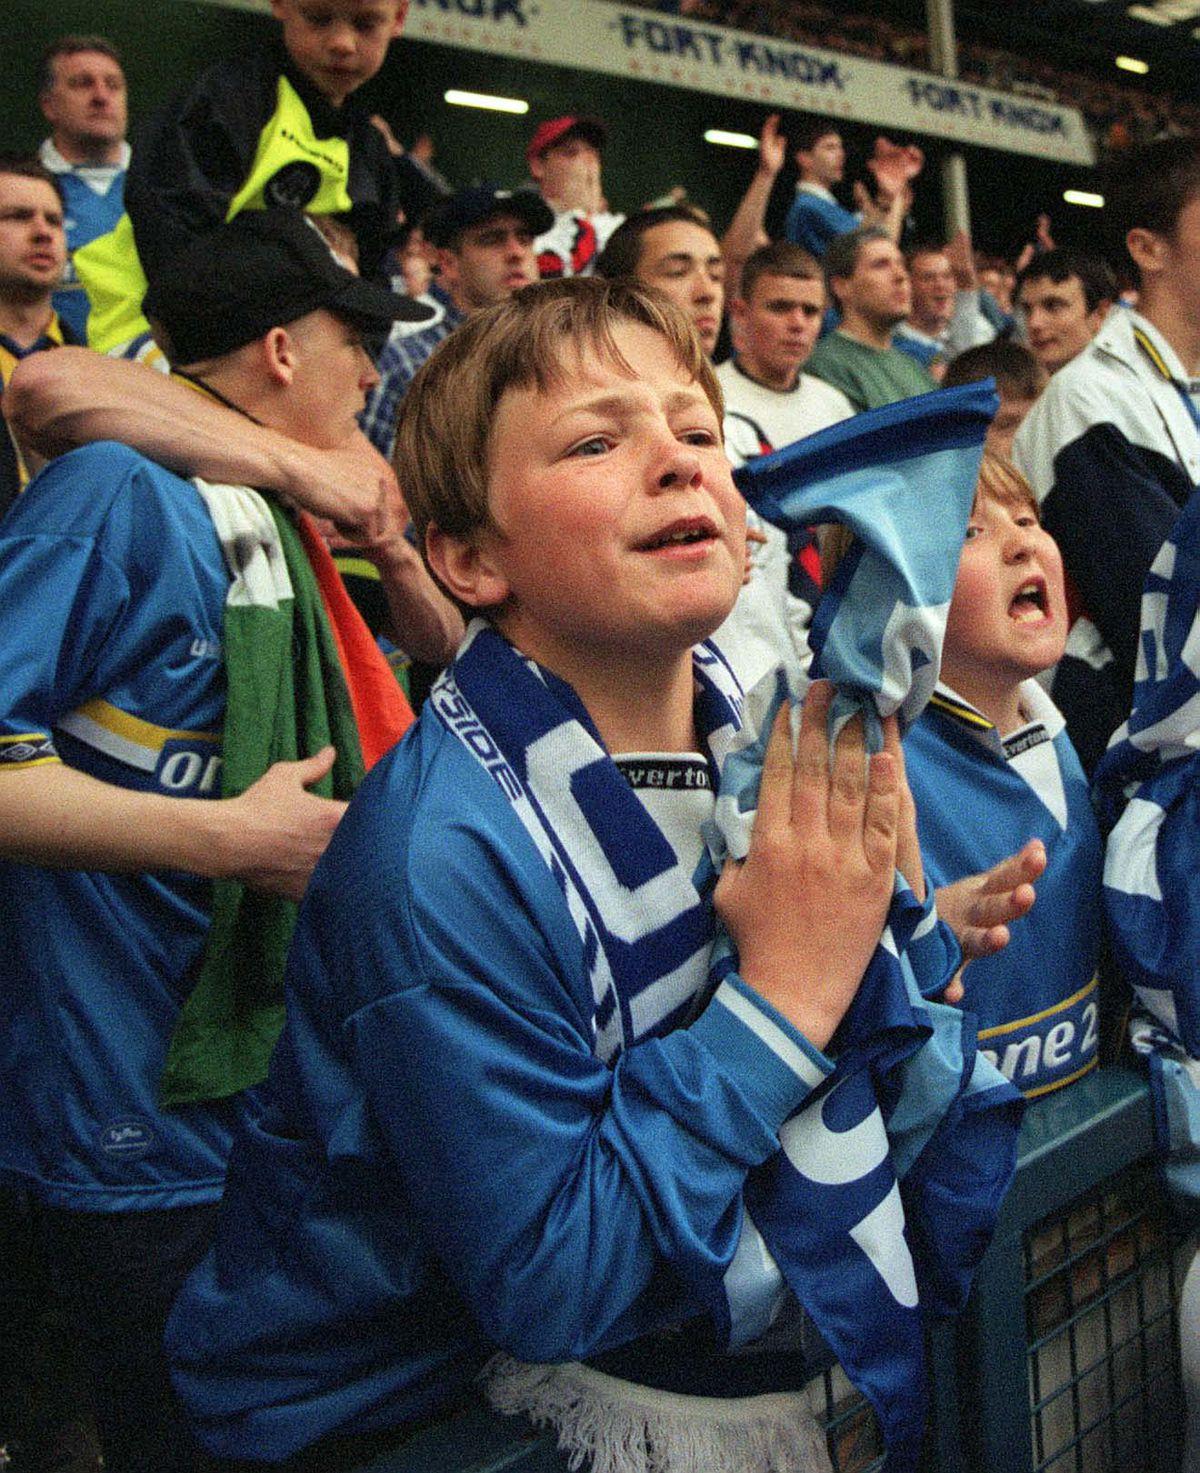 SOCCER/Everton Fans Emotion